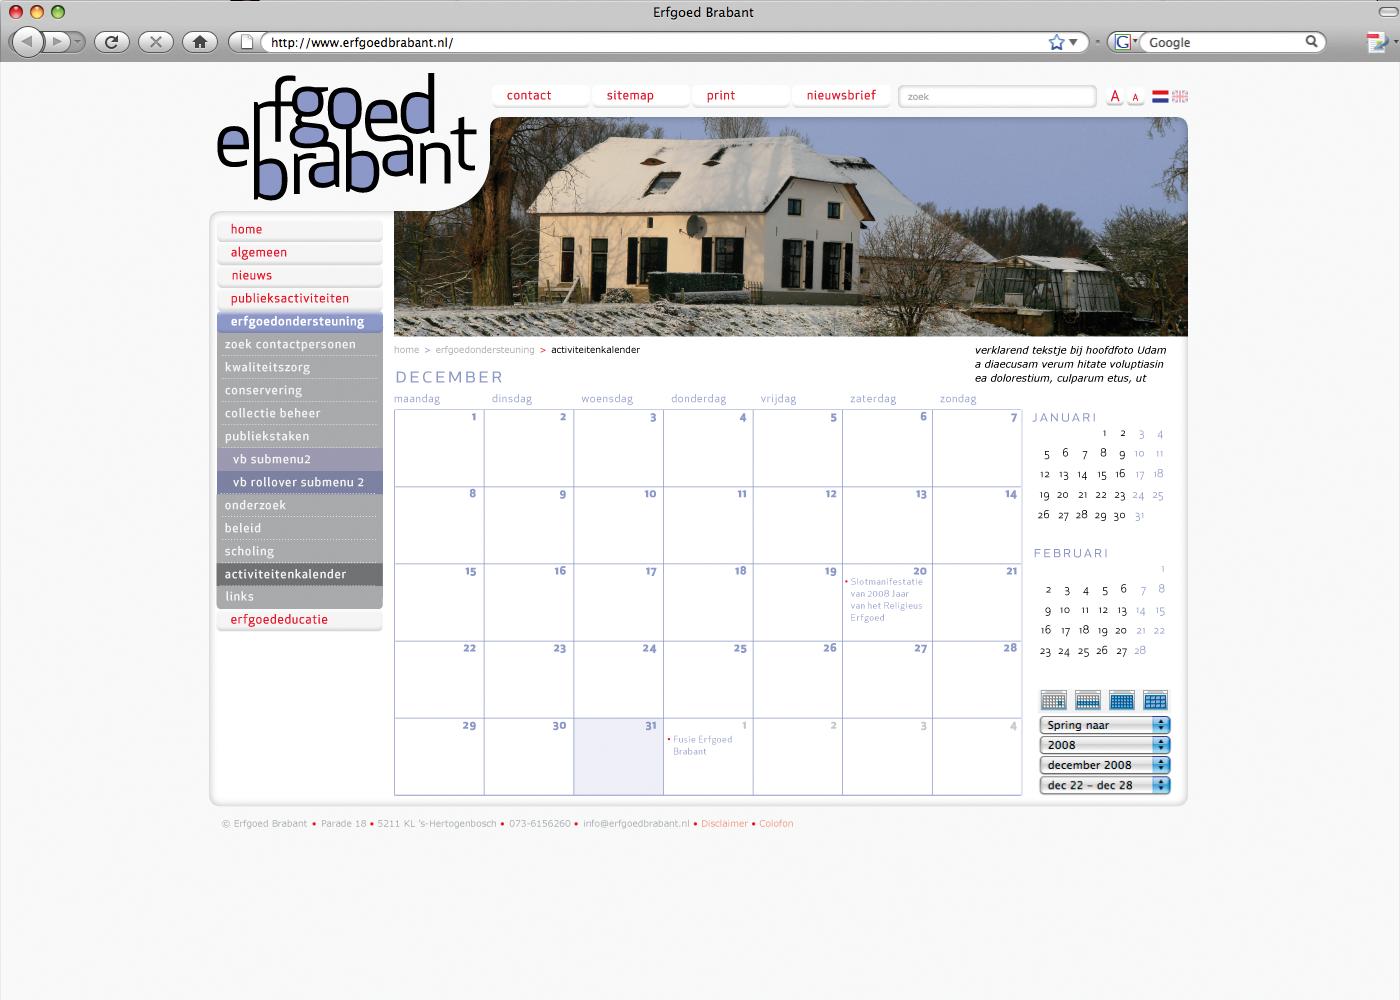 Ontwerp website Erfgoed Brabant